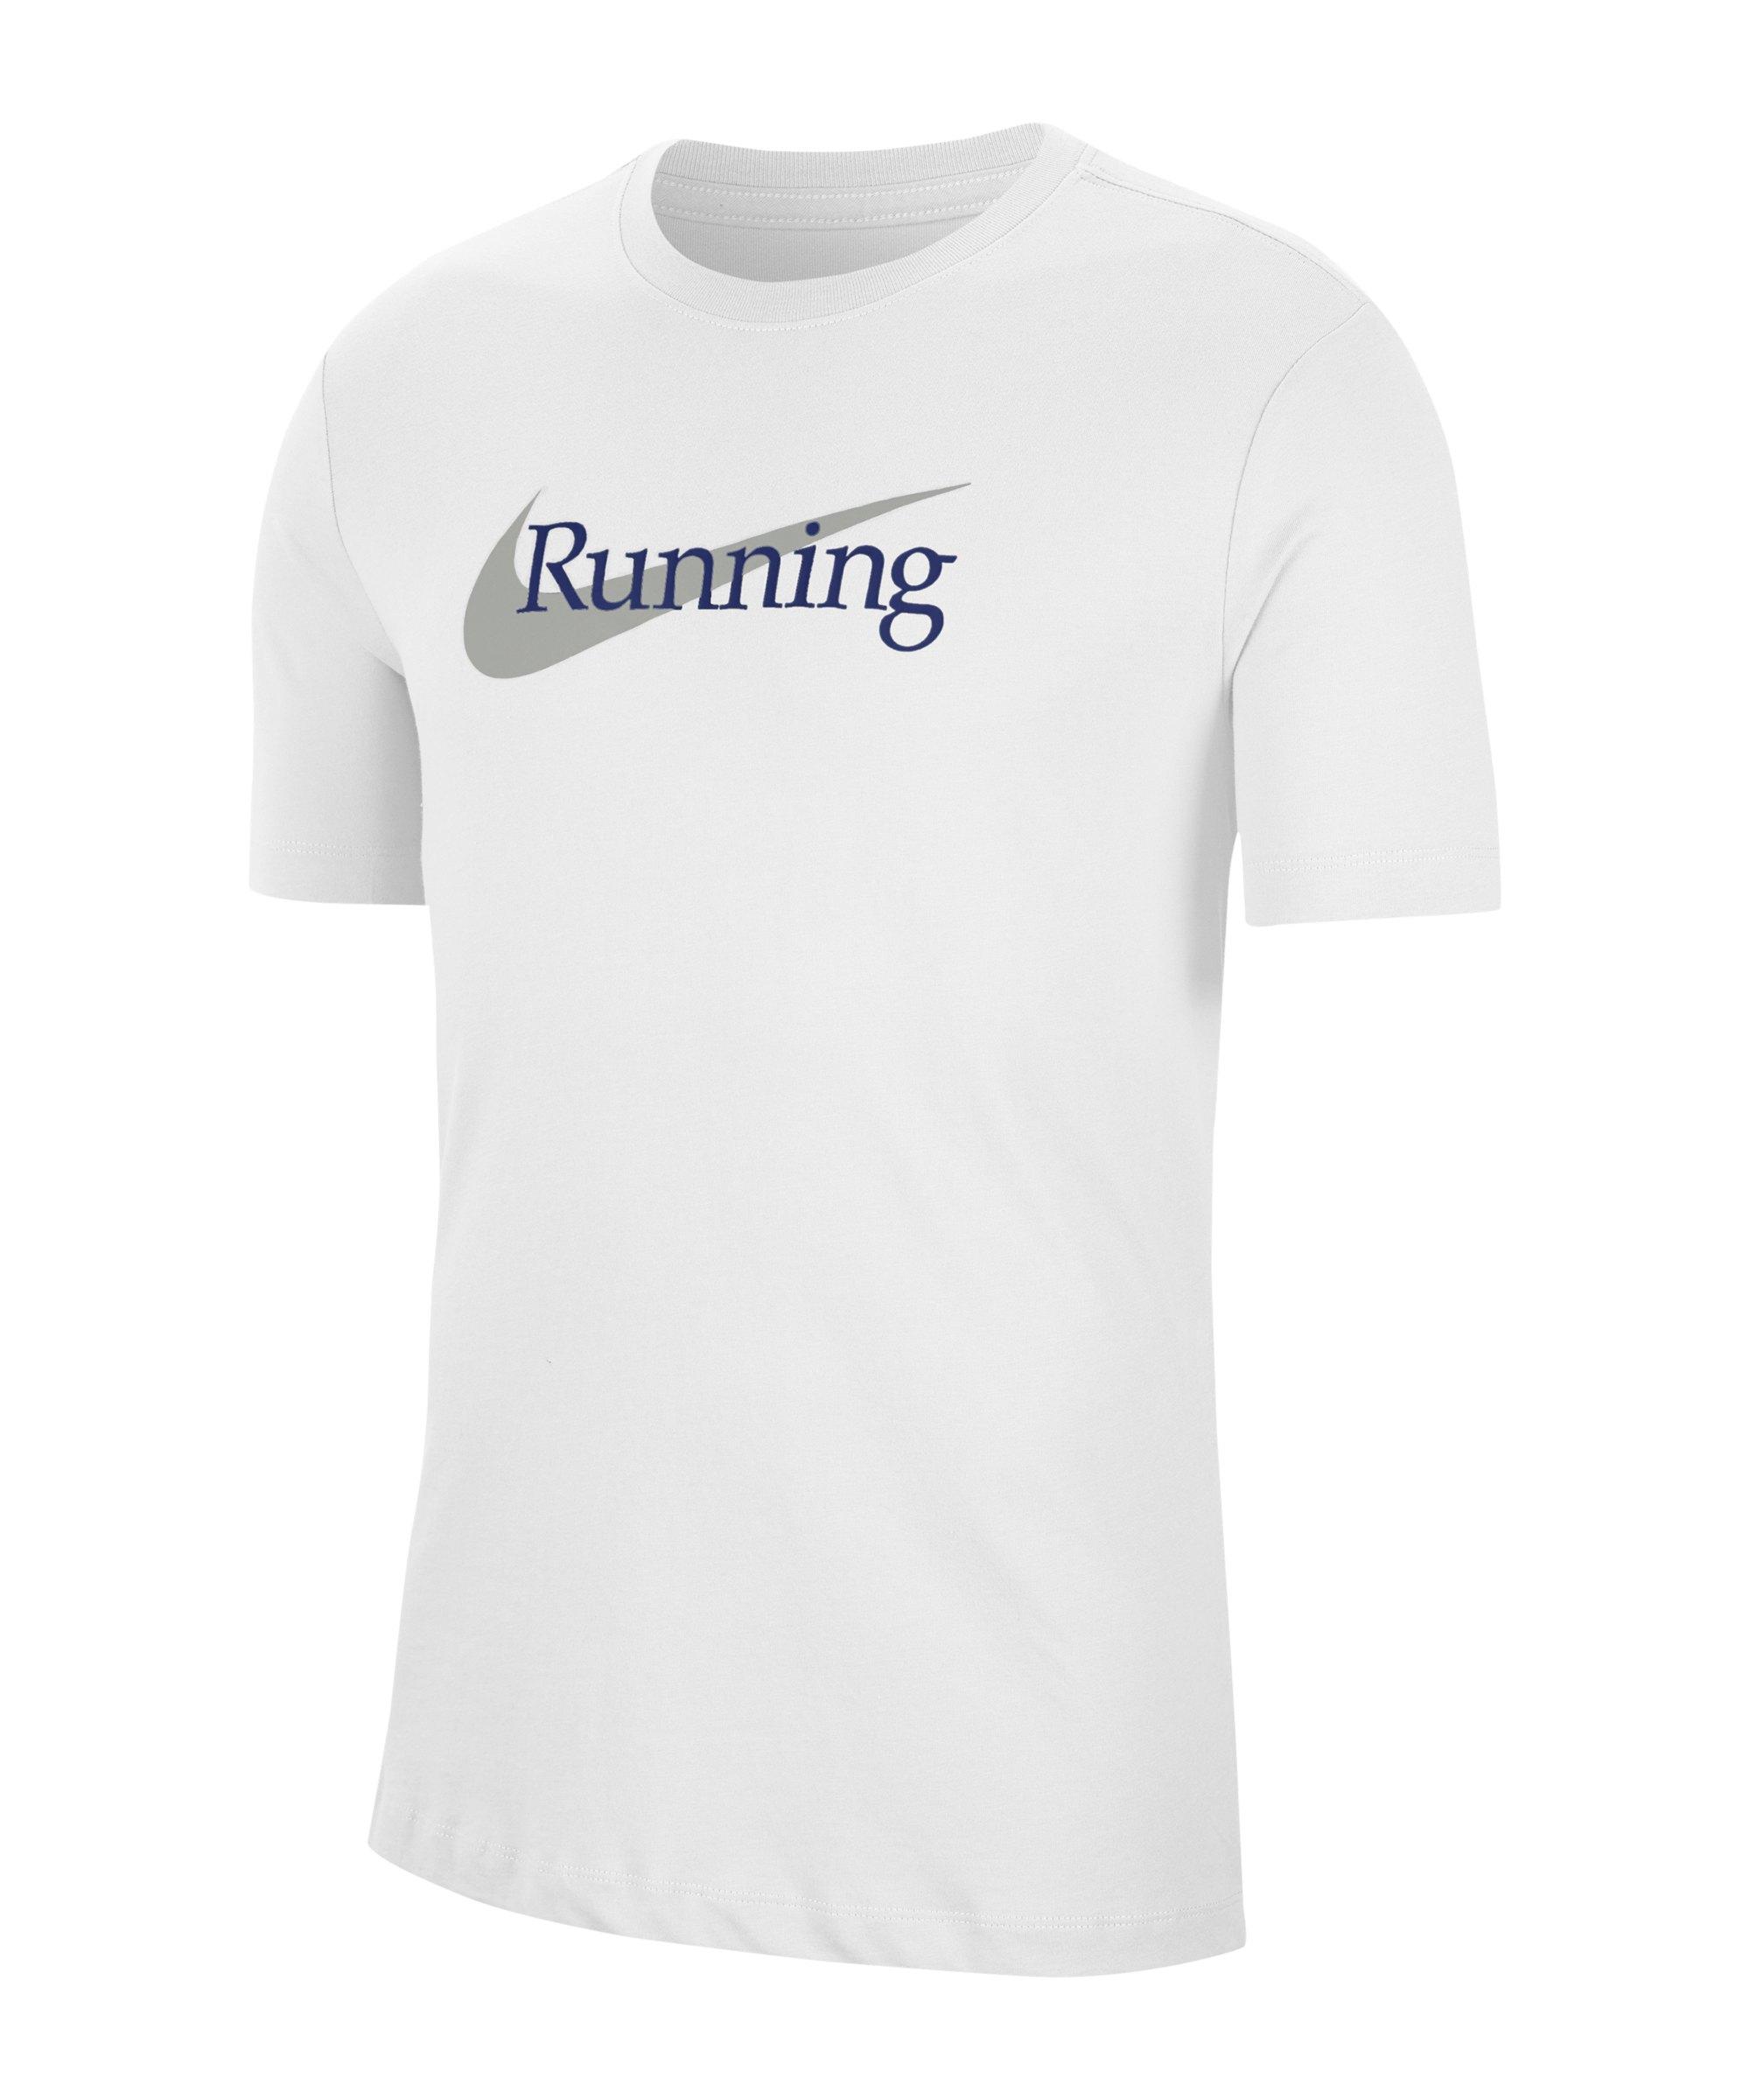 Nike HBR T-Shirt Running Weiss F100 - weiss